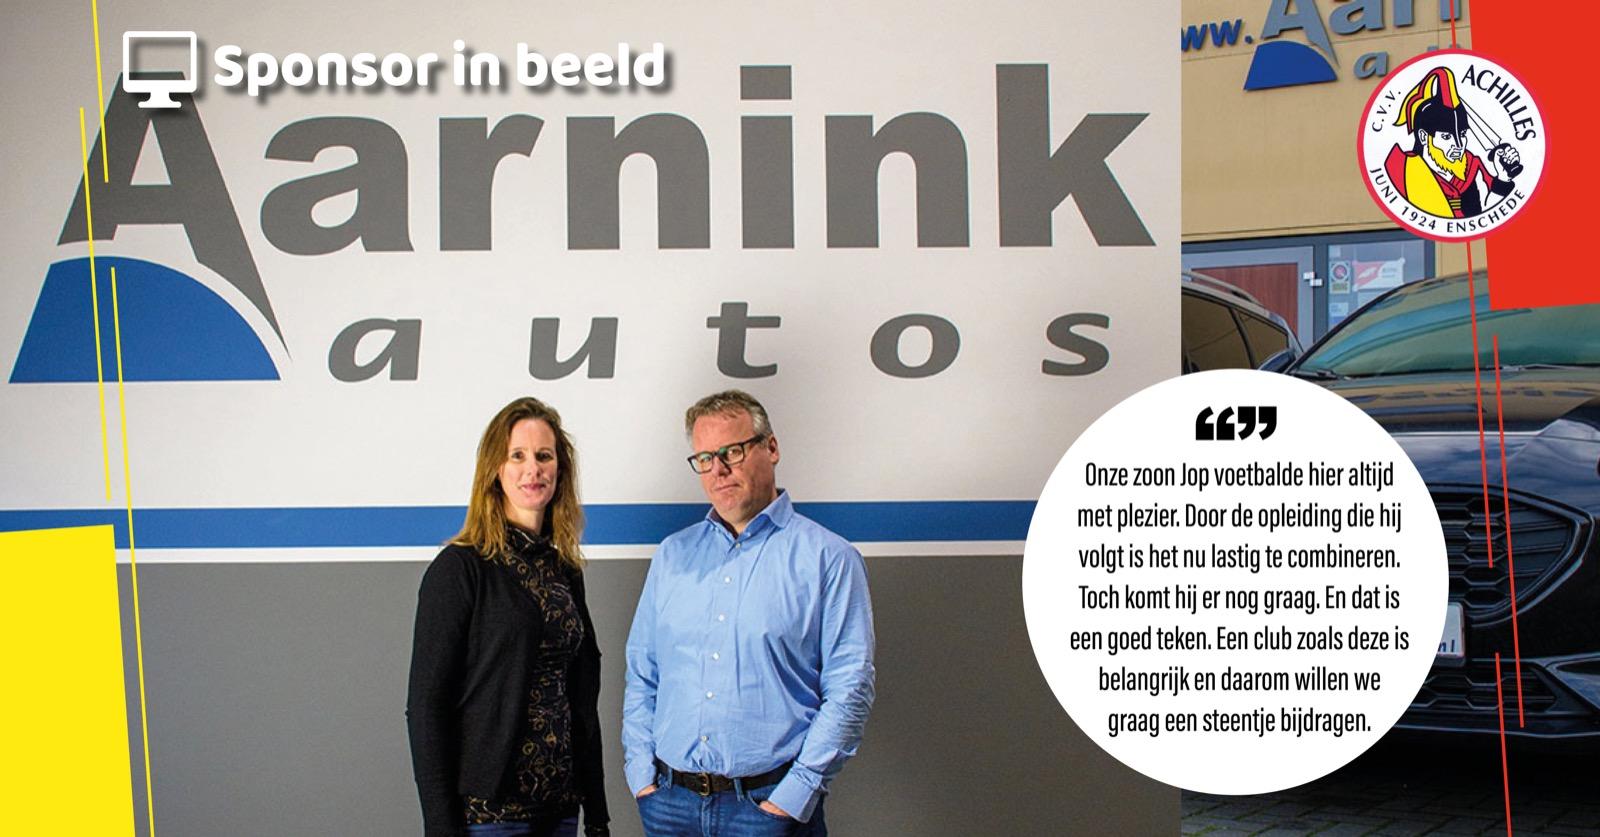 Nieuwe bordsponsor: Aarnink Auto's